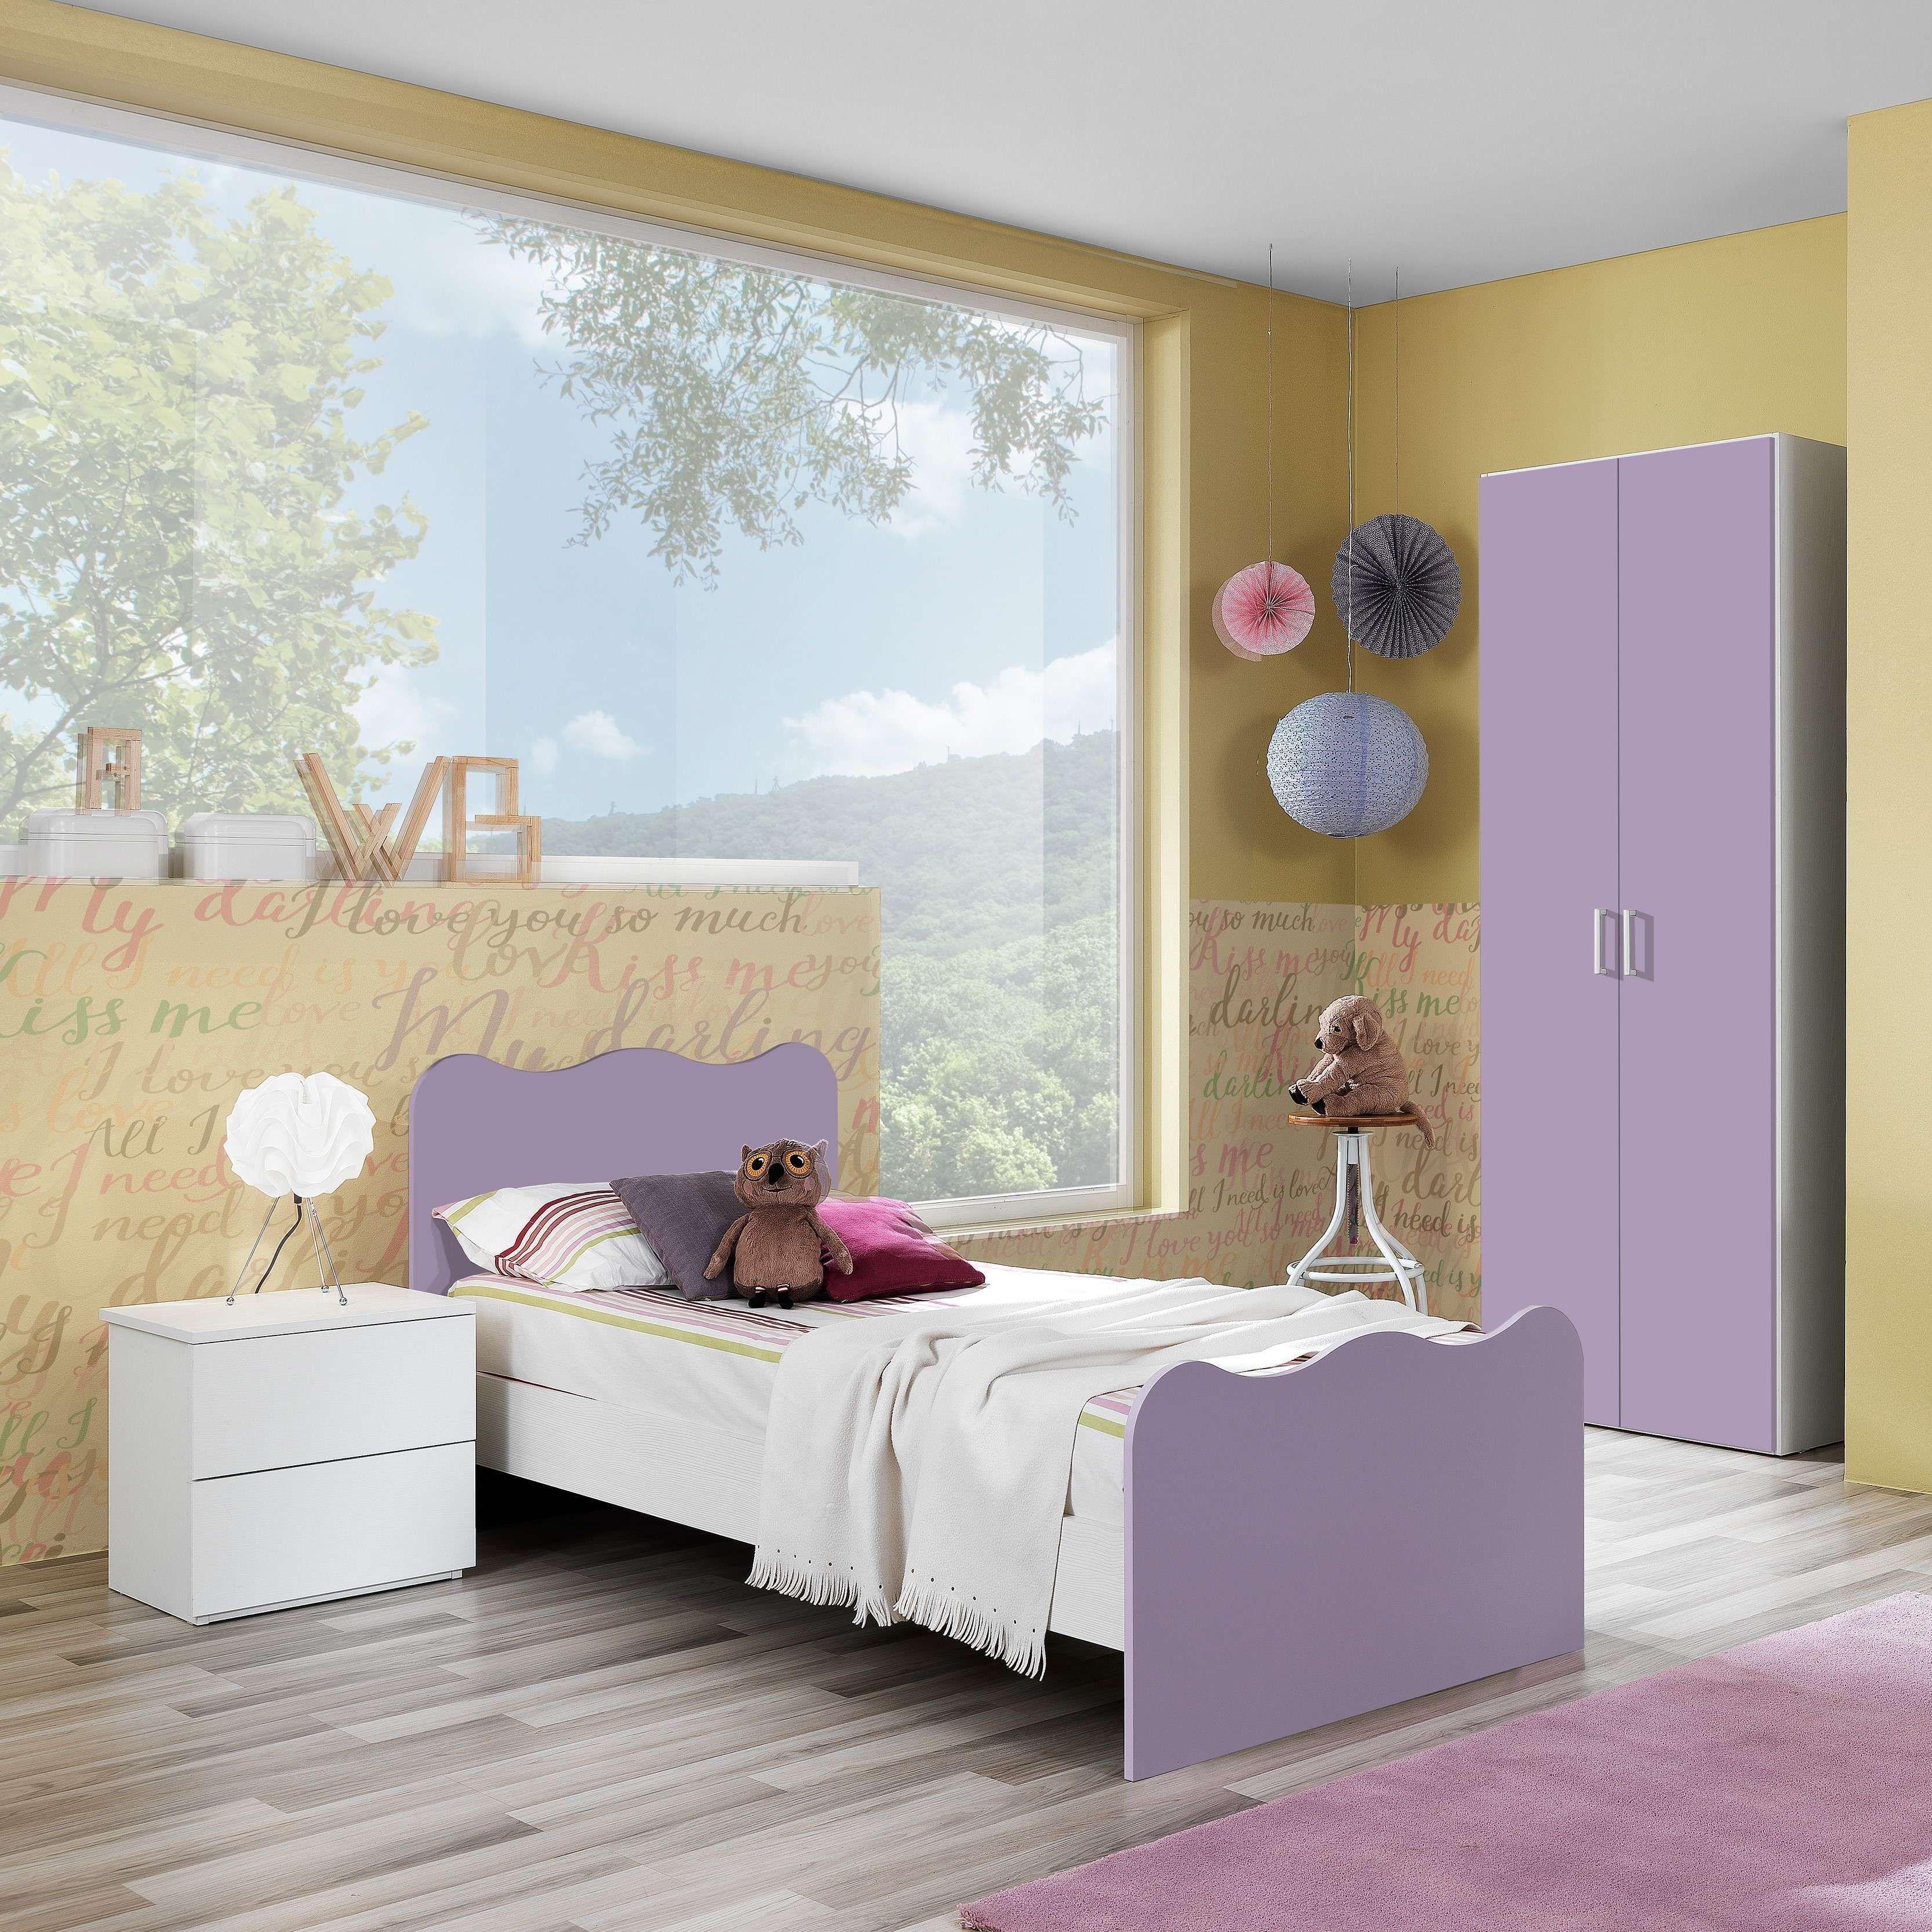 Vendita mobili online - Cameretta armadio 2 ante lilla ...